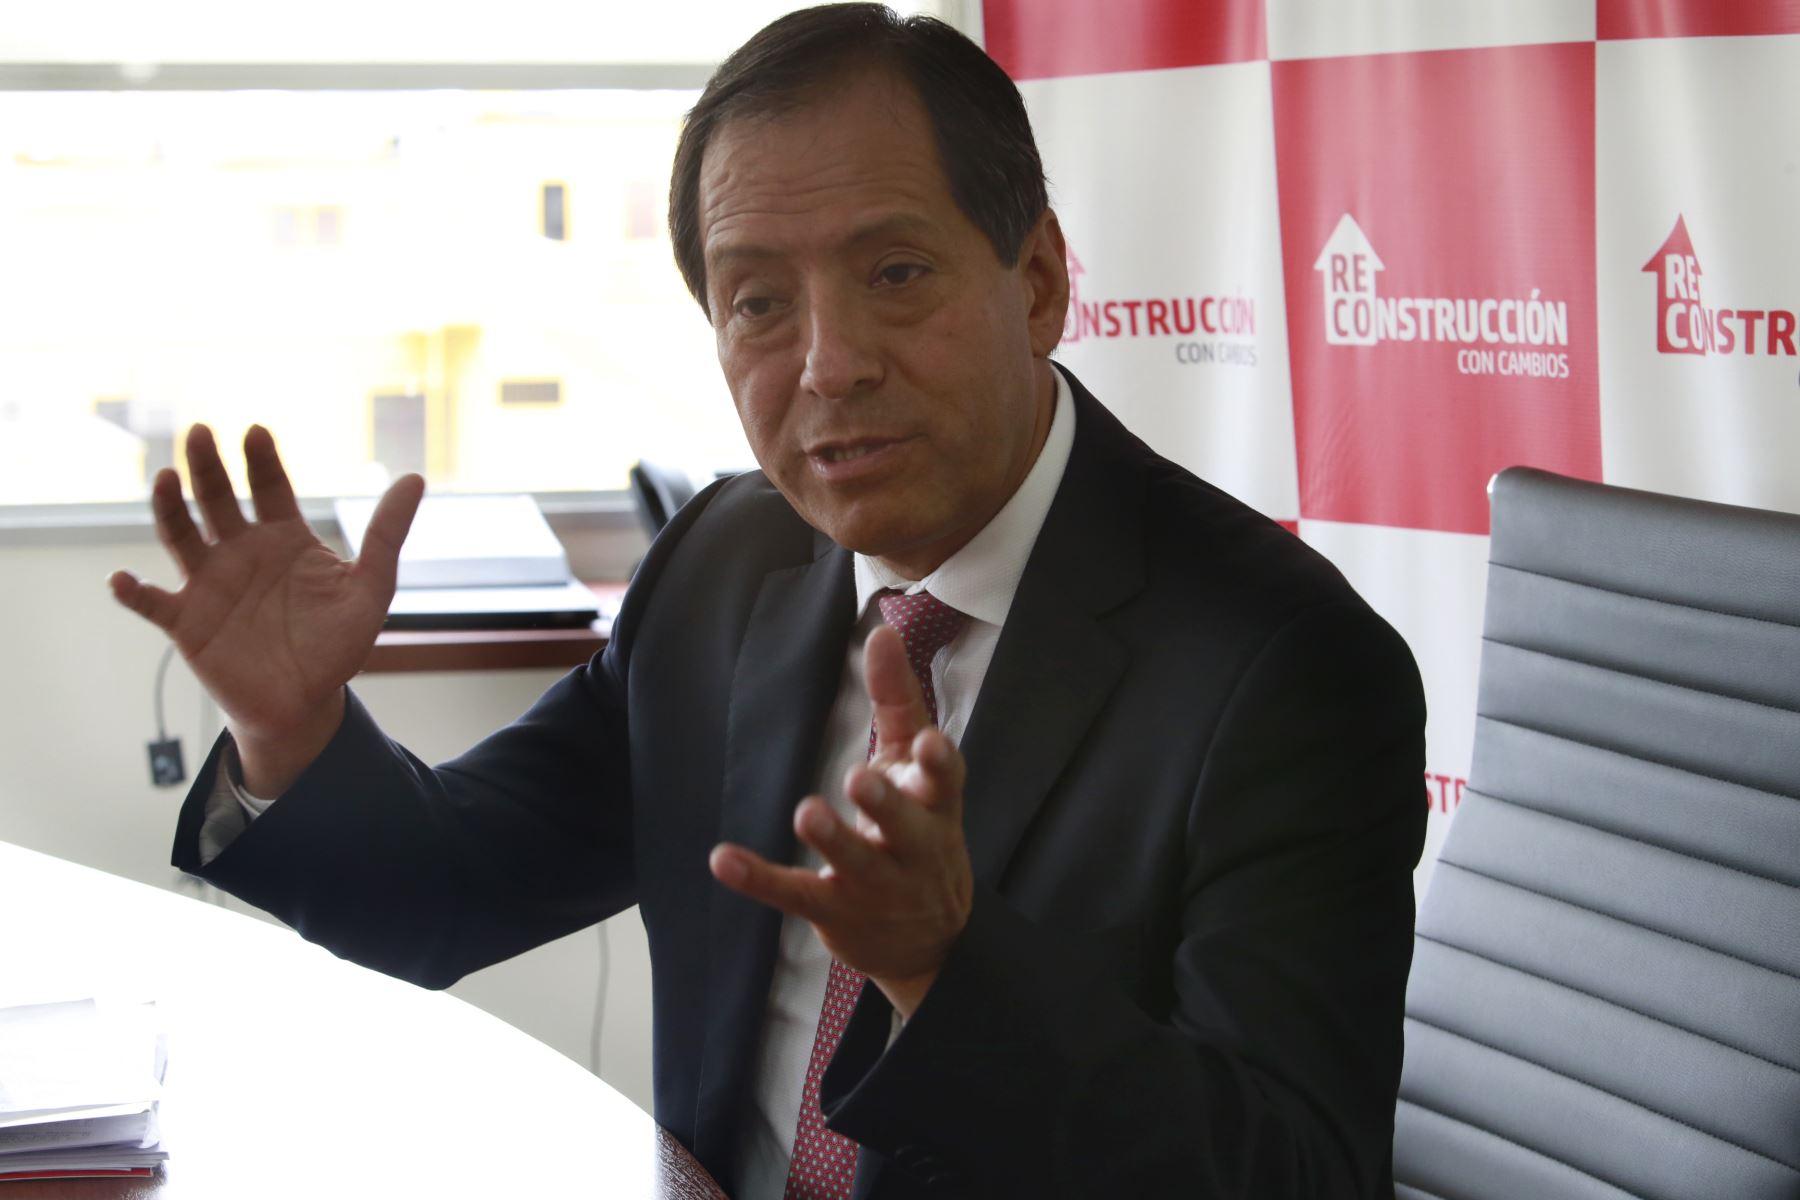 Director ejecutivo de la Autoridad para la Reconstrucción con Cambios, Edgar Quispe. ANDINA/Nathalie Sayago